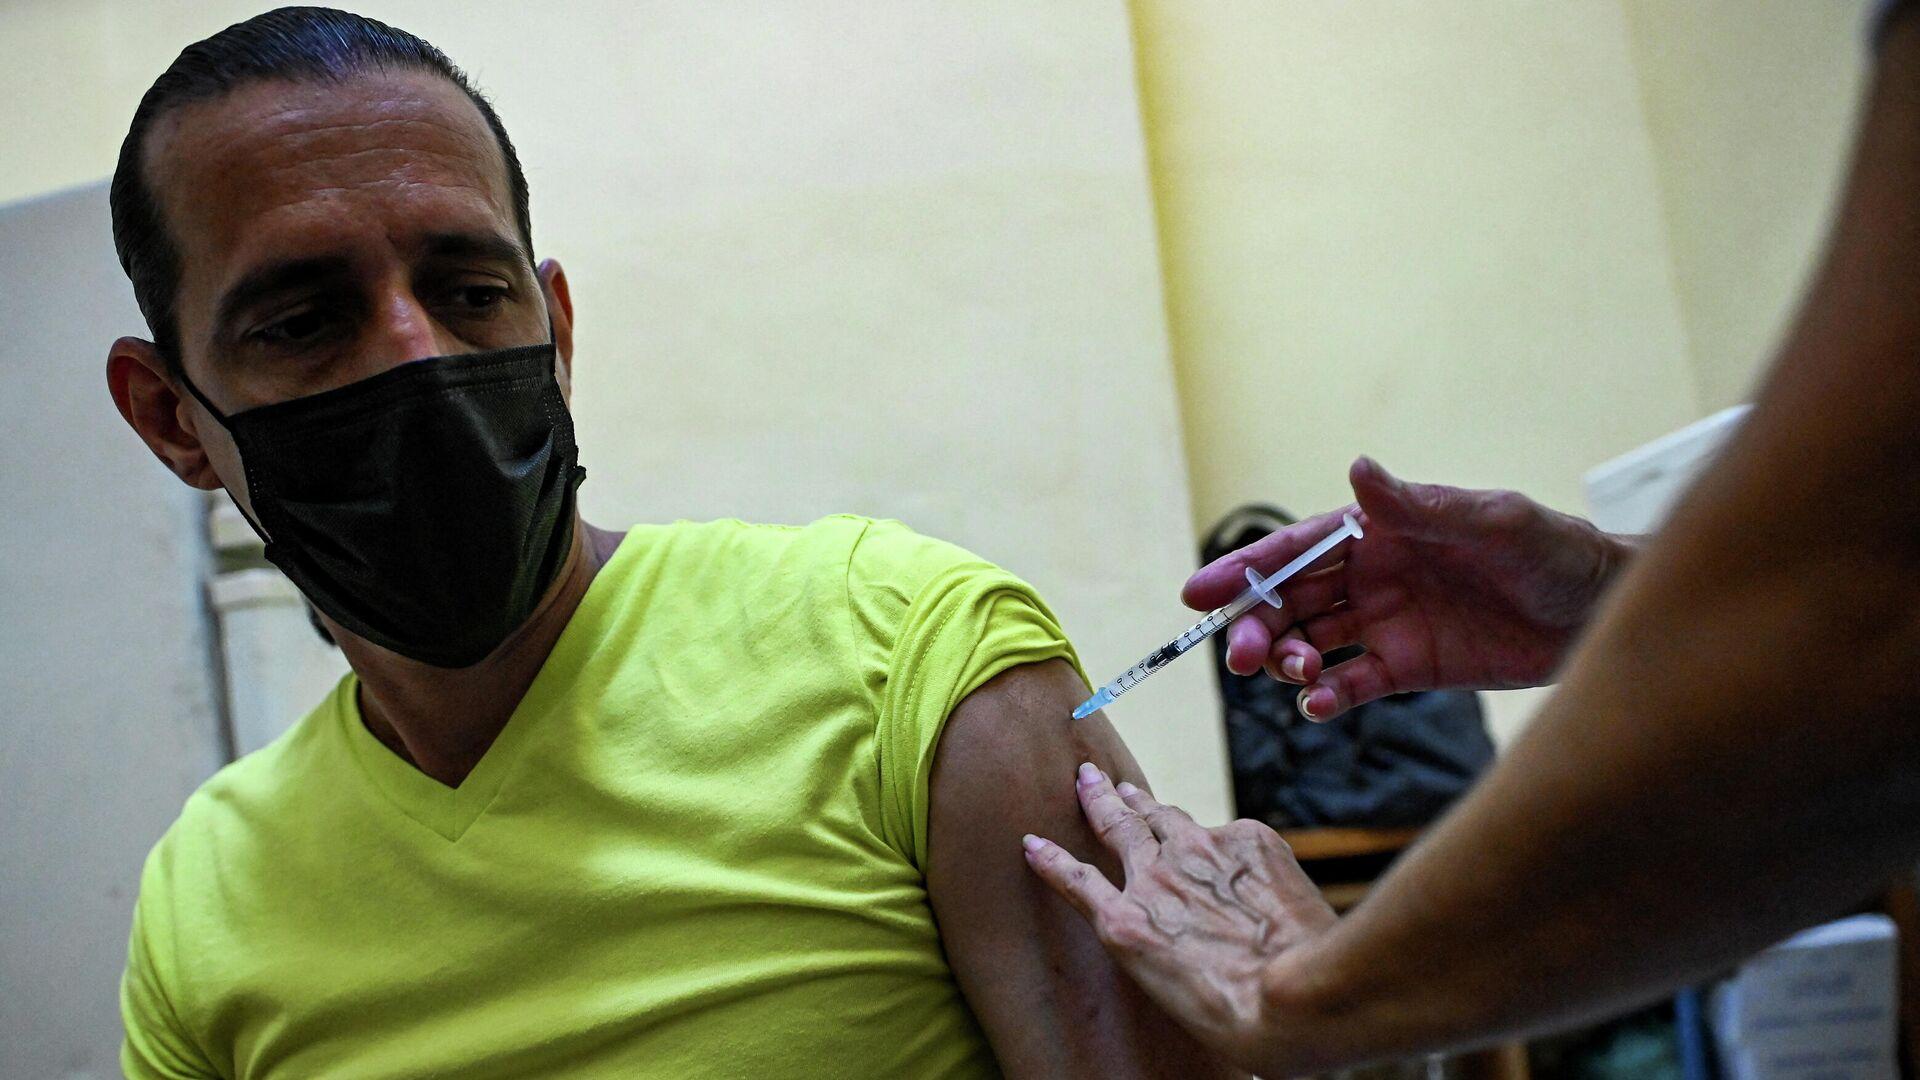 Vacunación contra COVID-19 en Cuba - Sputnik Mundo, 1920, 14.07.2021